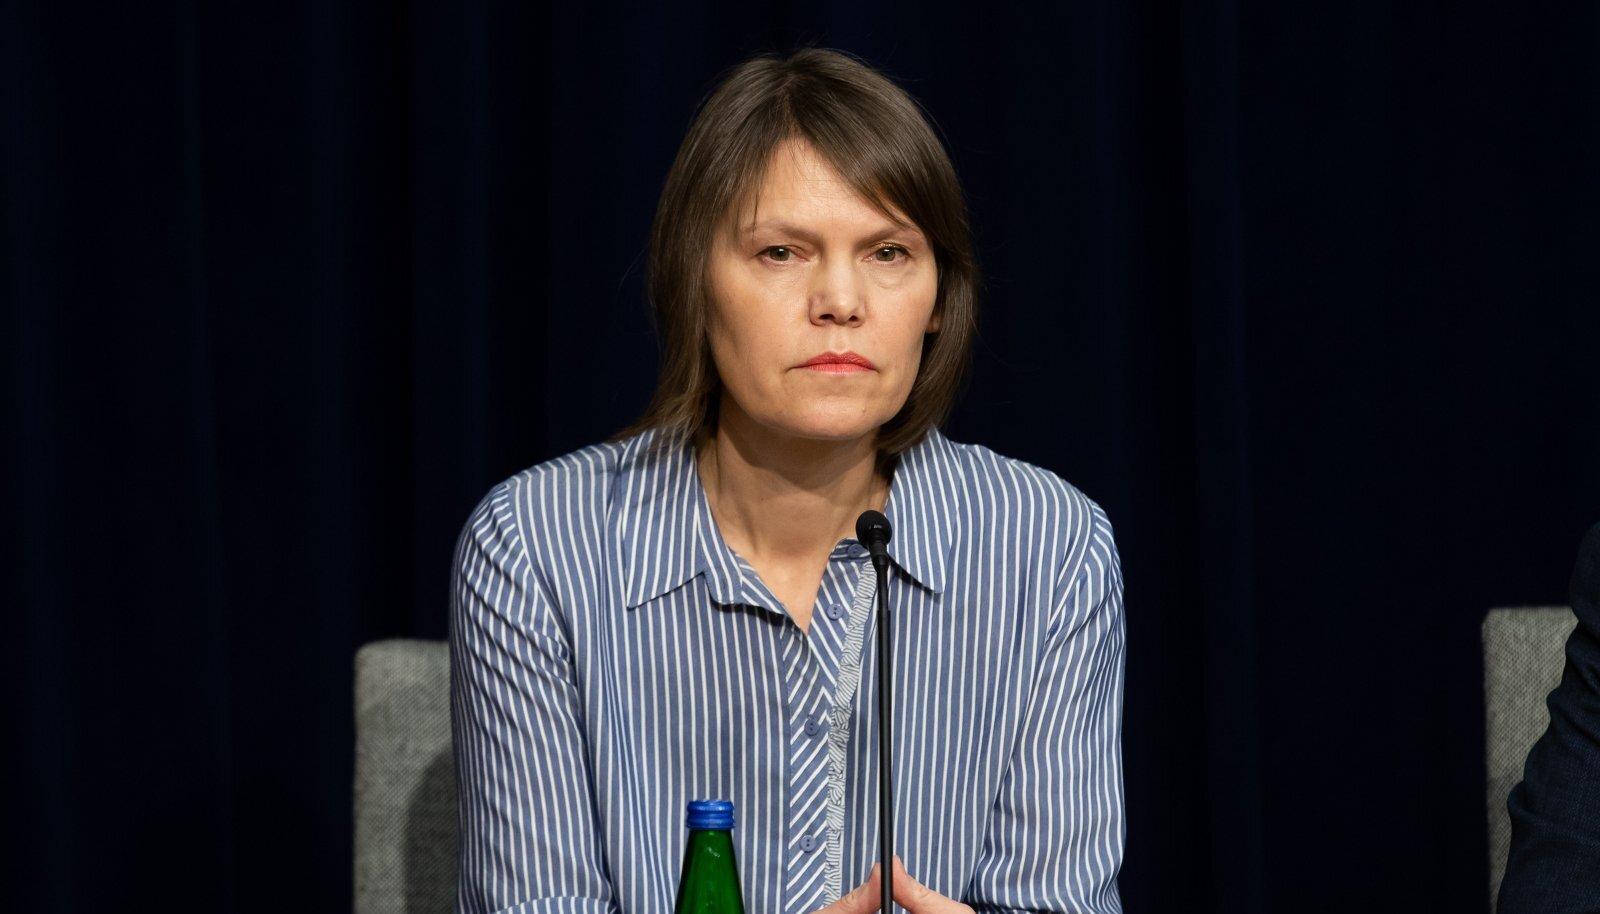 TULE ALL: Terviseameti juht Merike Jürilo saab kriitikat, et Eestis pole veel saada Covid-19 kiirteste. Jürilo sõnul pole maailmas veel usaldusväärset testi olemas.